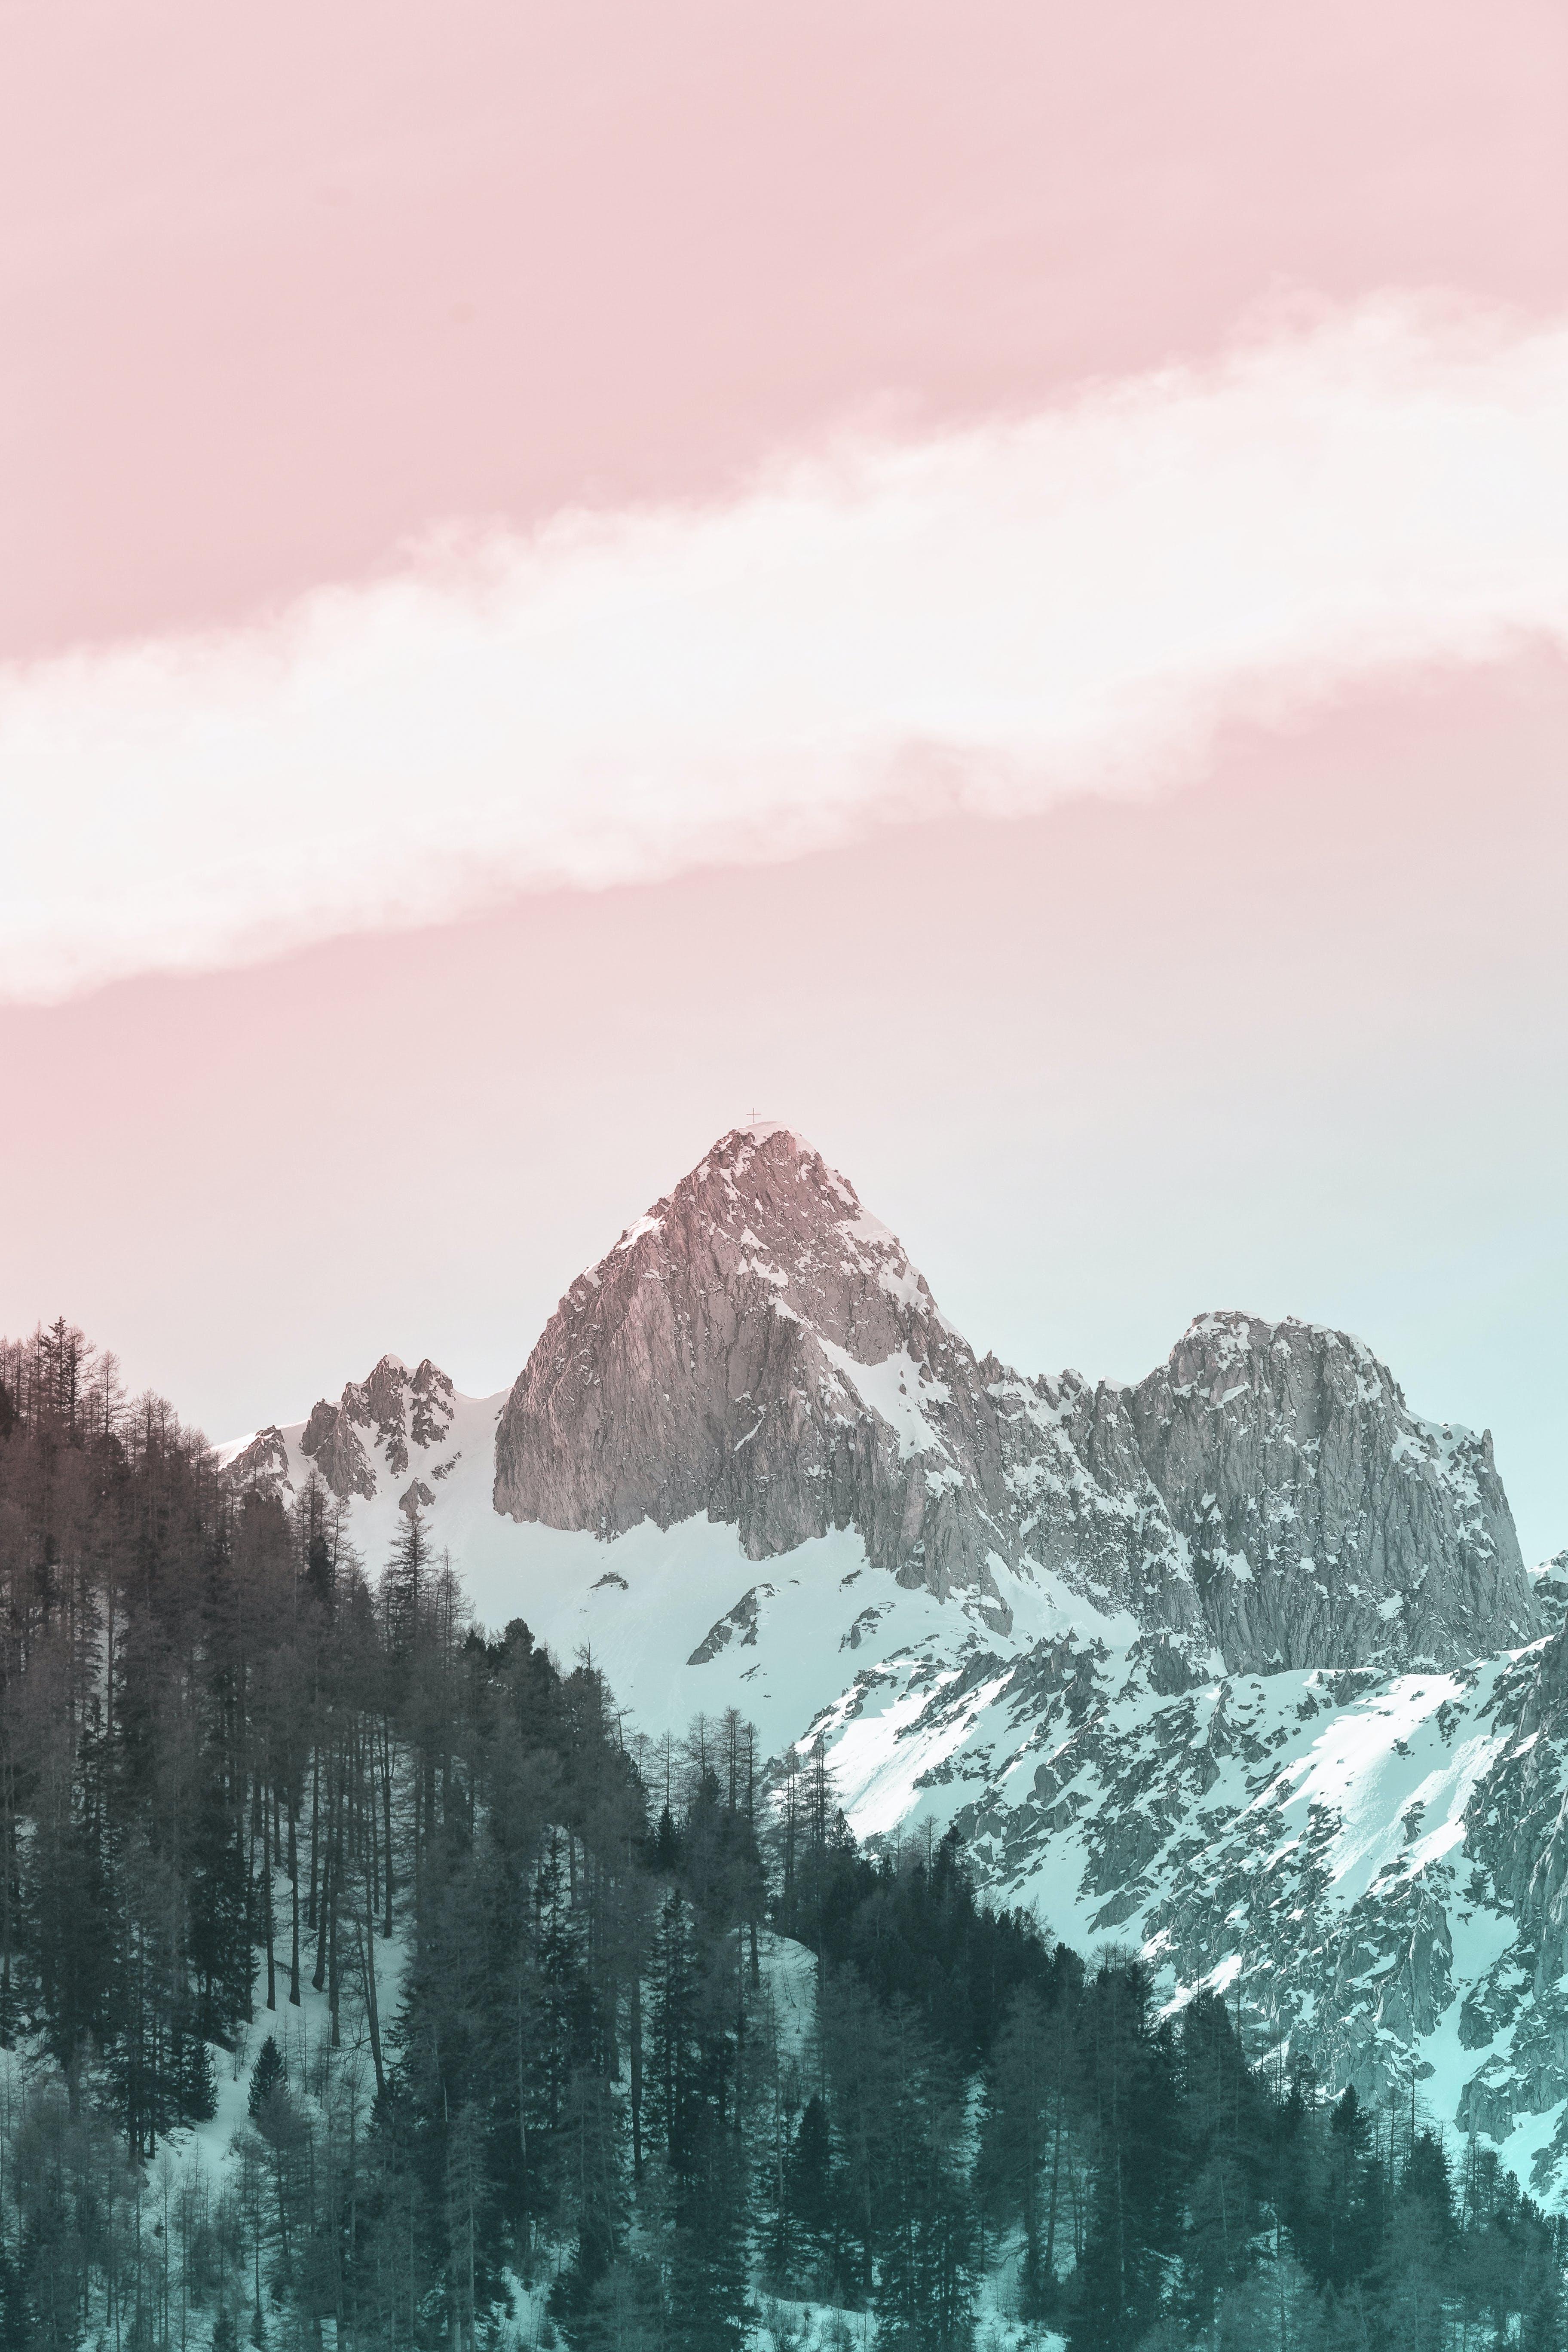 Gratis lagerfoto af bjerge, bjergtinde, bjergtop, desktop tapet